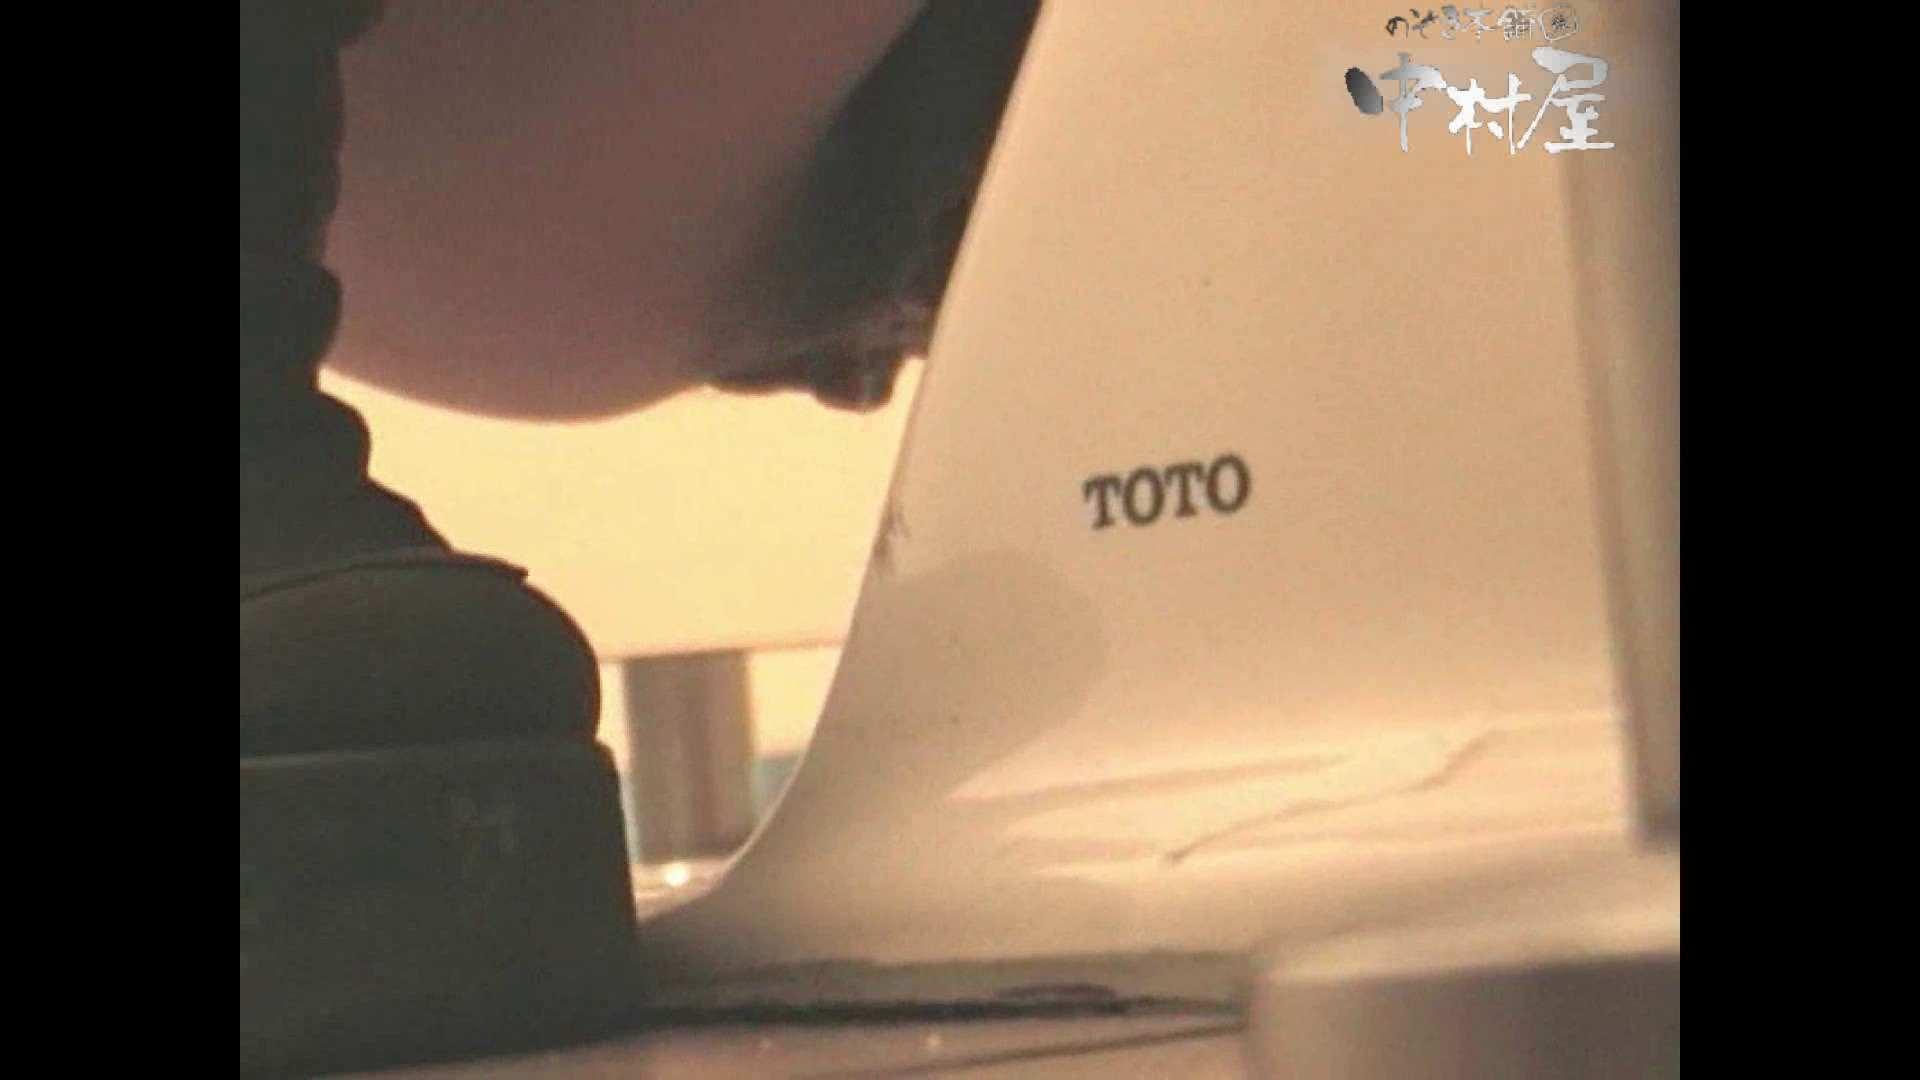 岩手県在住盗撮師盗撮記録vol.04 エッチな盗撮 のぞき動画キャプチャ 98pic 75